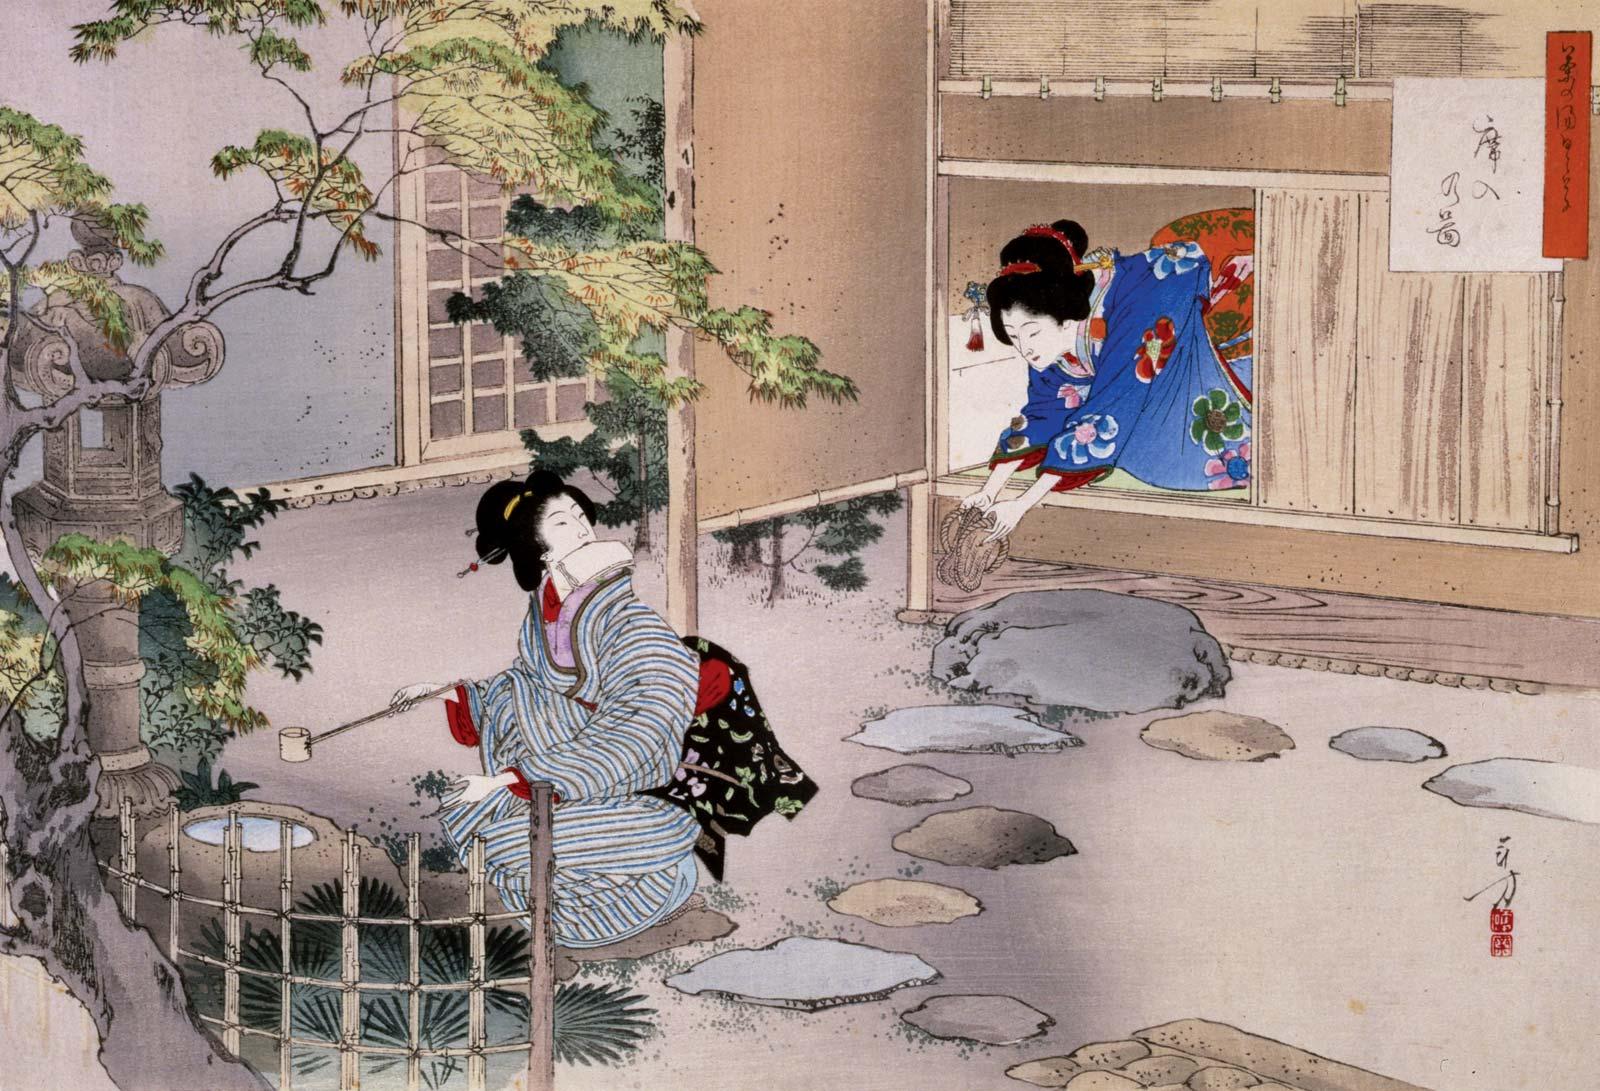 Tranh vẽ văn hoá trà đạo Nhật Bản